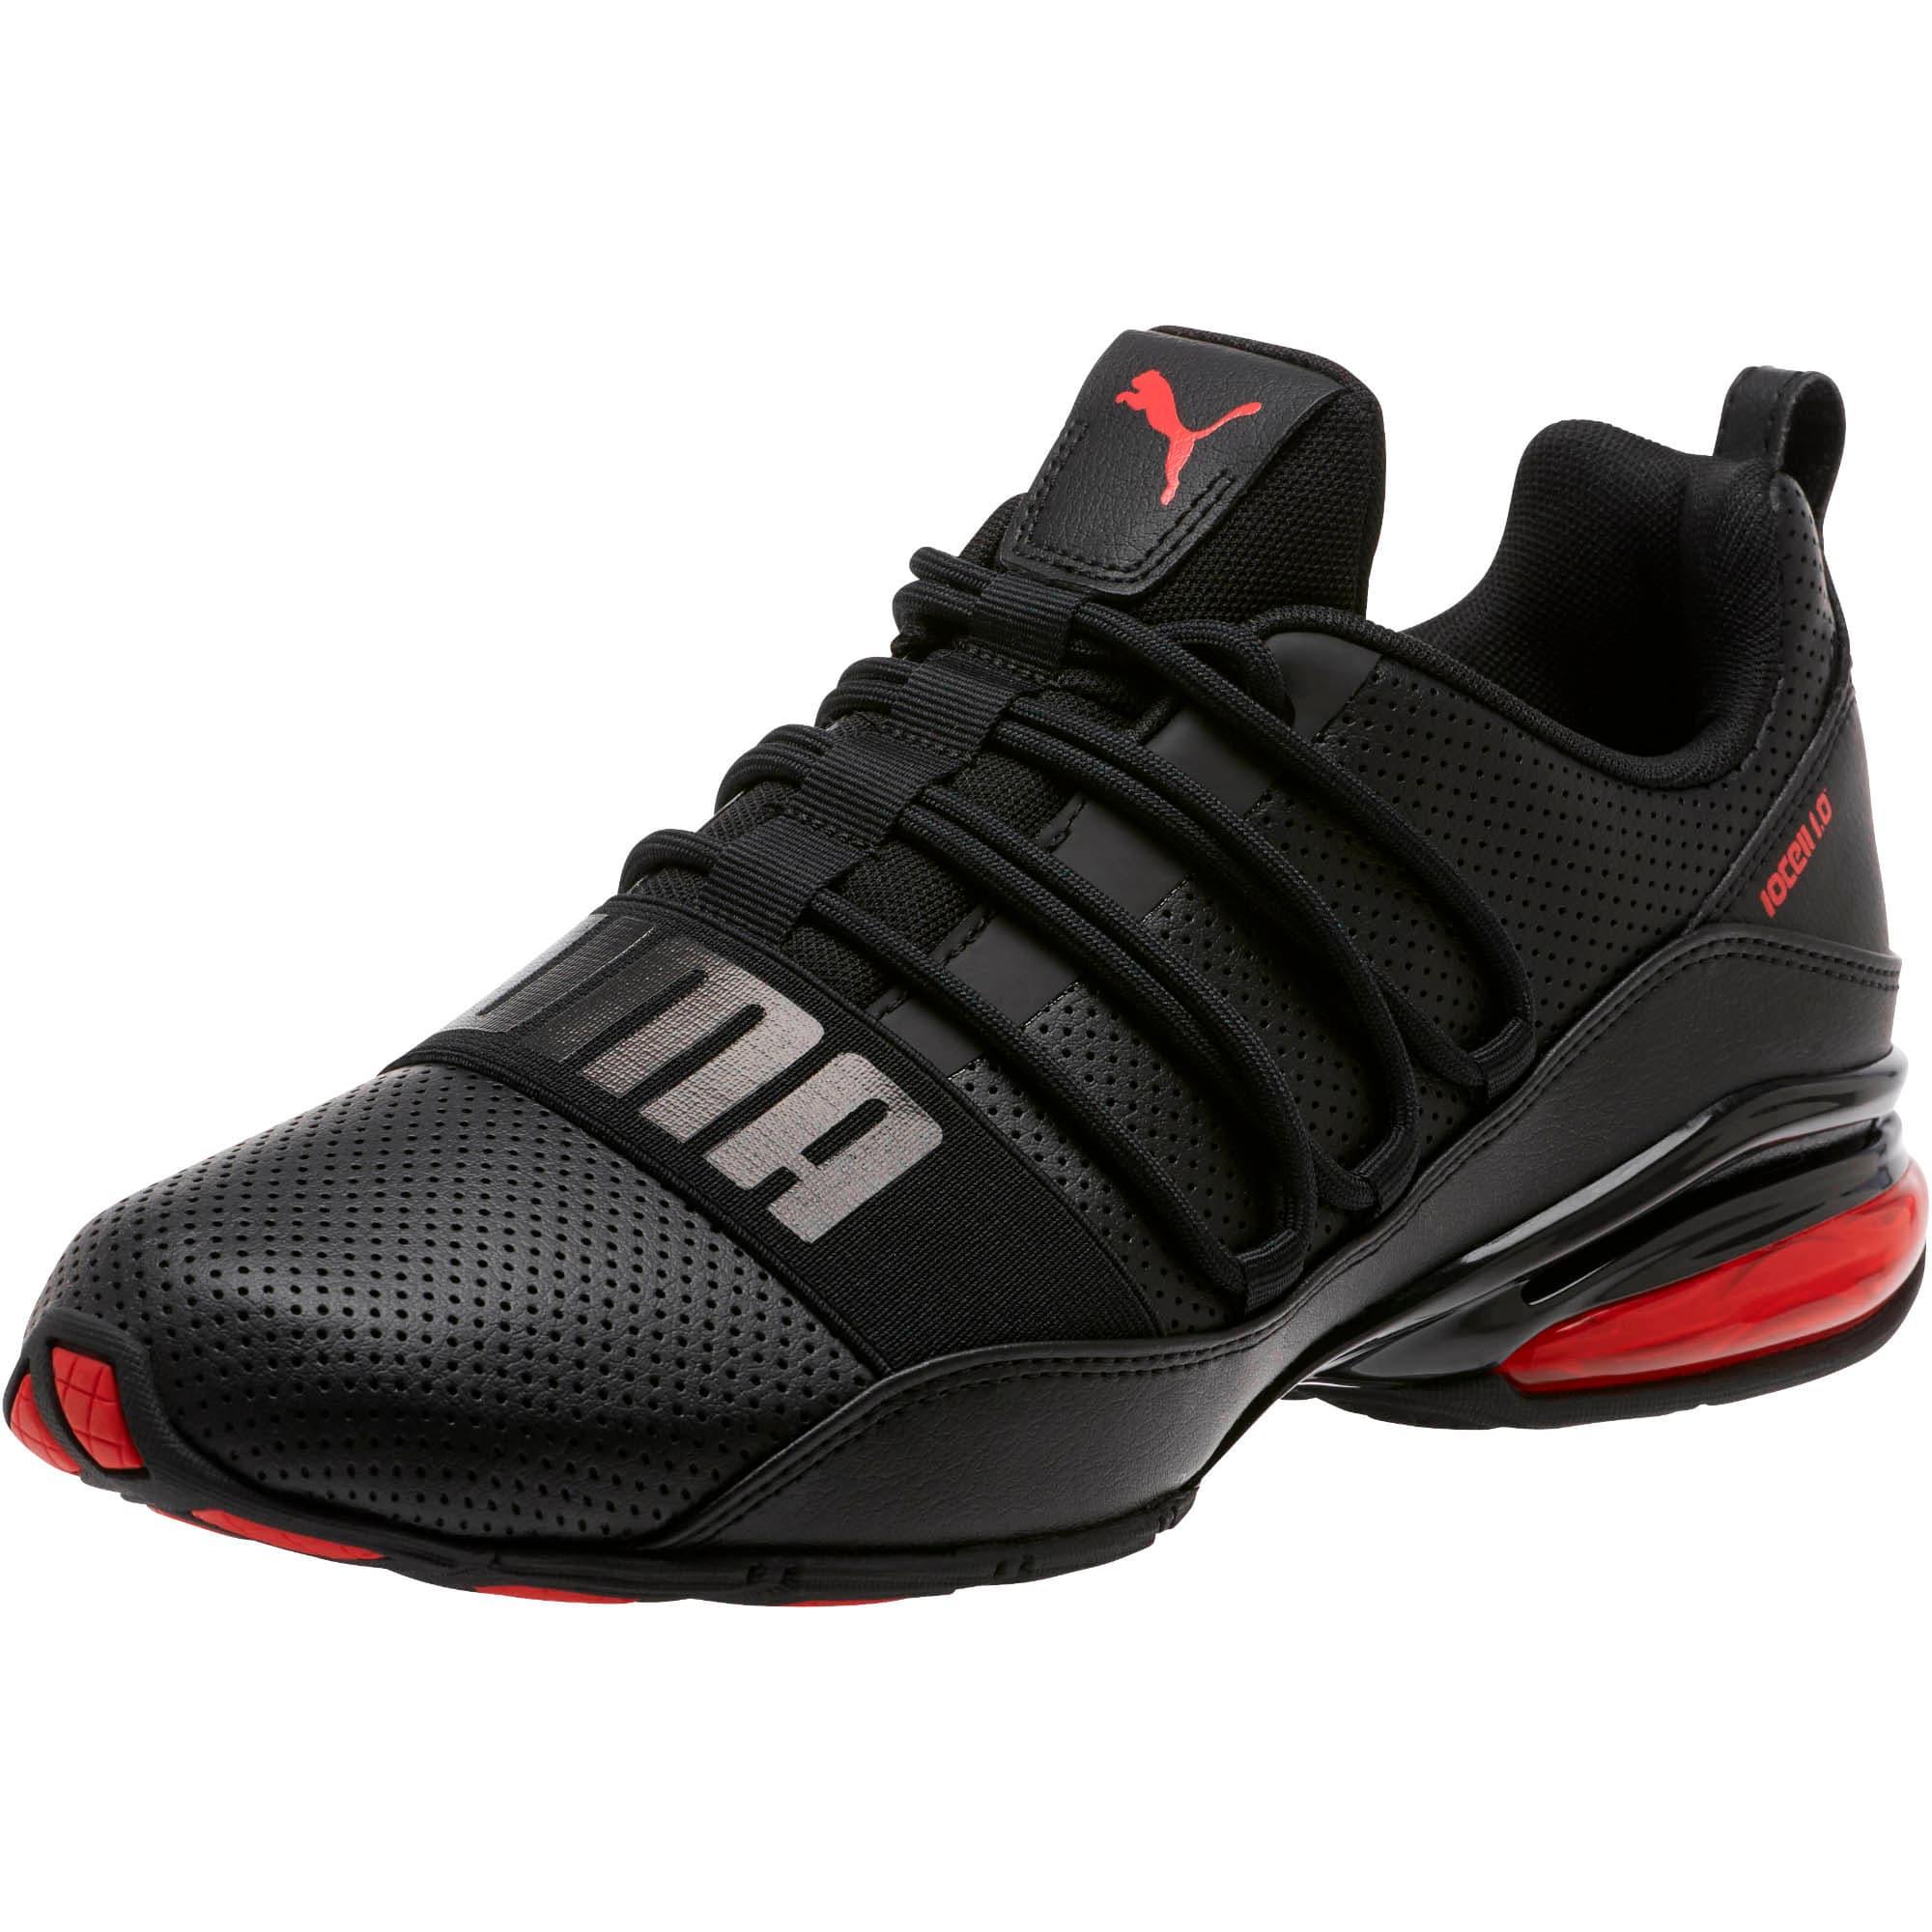 Miniatura 1 de Zapatos para correr Cell Regulate para hombre, Puma Black-High Risk Red, mediano